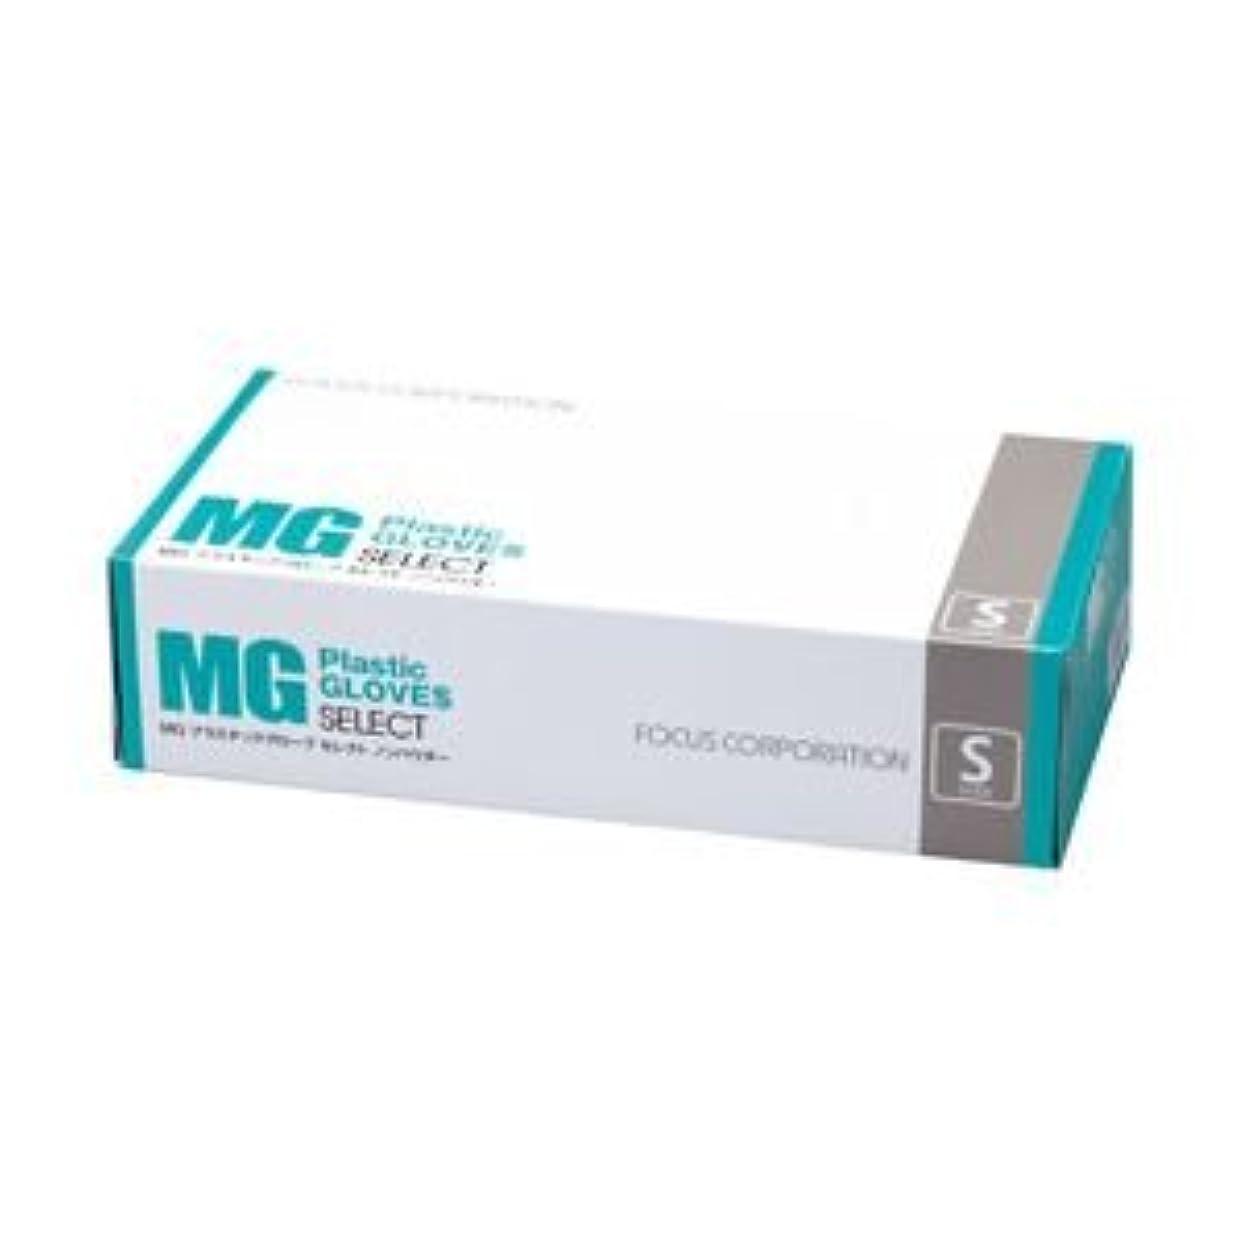 ぴかぴか道に迷いました速度フォーカス (業務用セット) MGプラスチックグローブSELECT 粉なし 半透明 1箱(100枚) Sサイズ (×10セット)